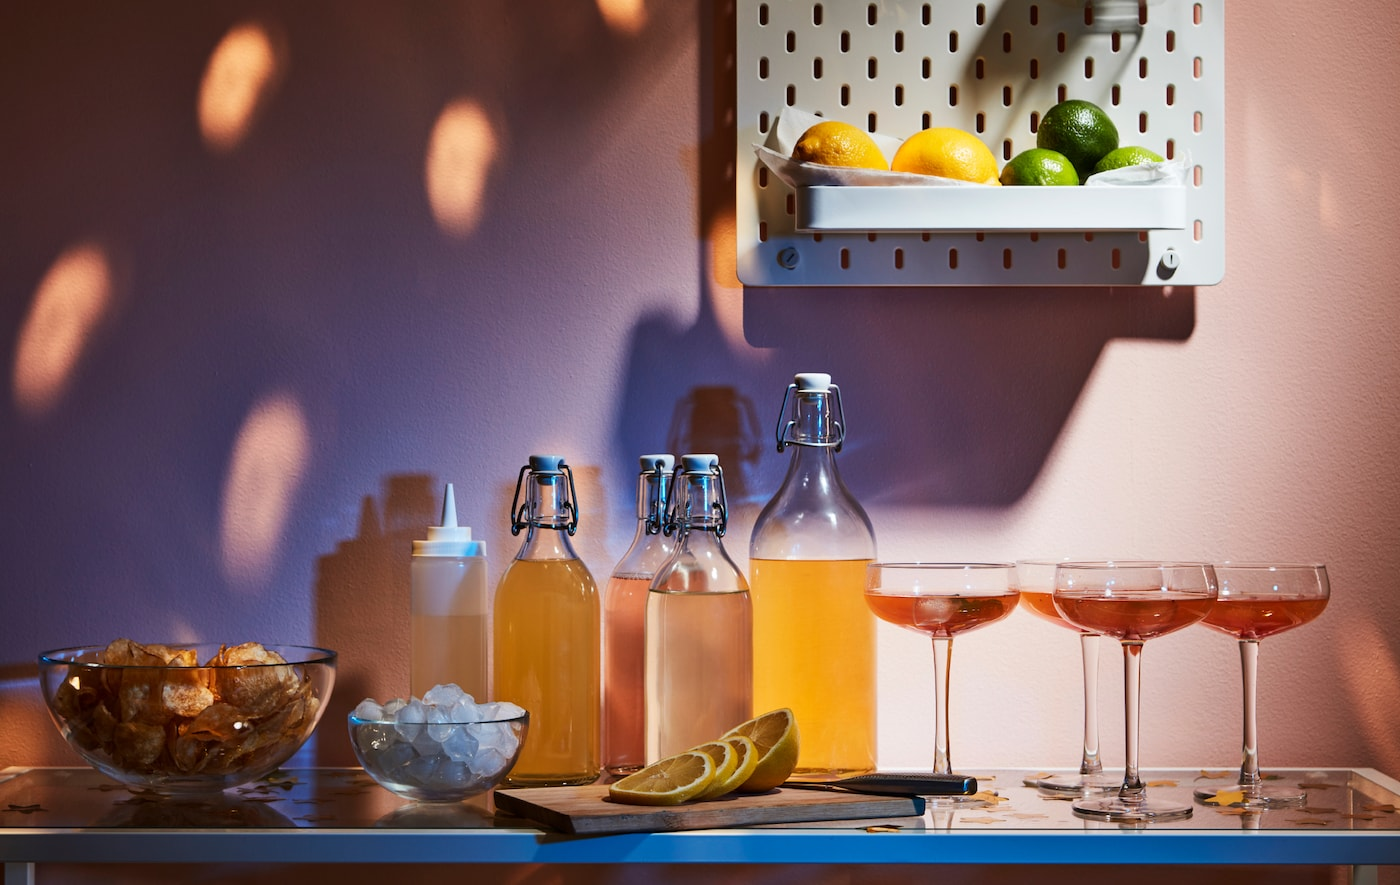 Bevande, bicchieri e accessori disposti su un tavolino. Sulla parete, un pannello portaoggetti SKÅDIS contiene limoni e lime - IKEA